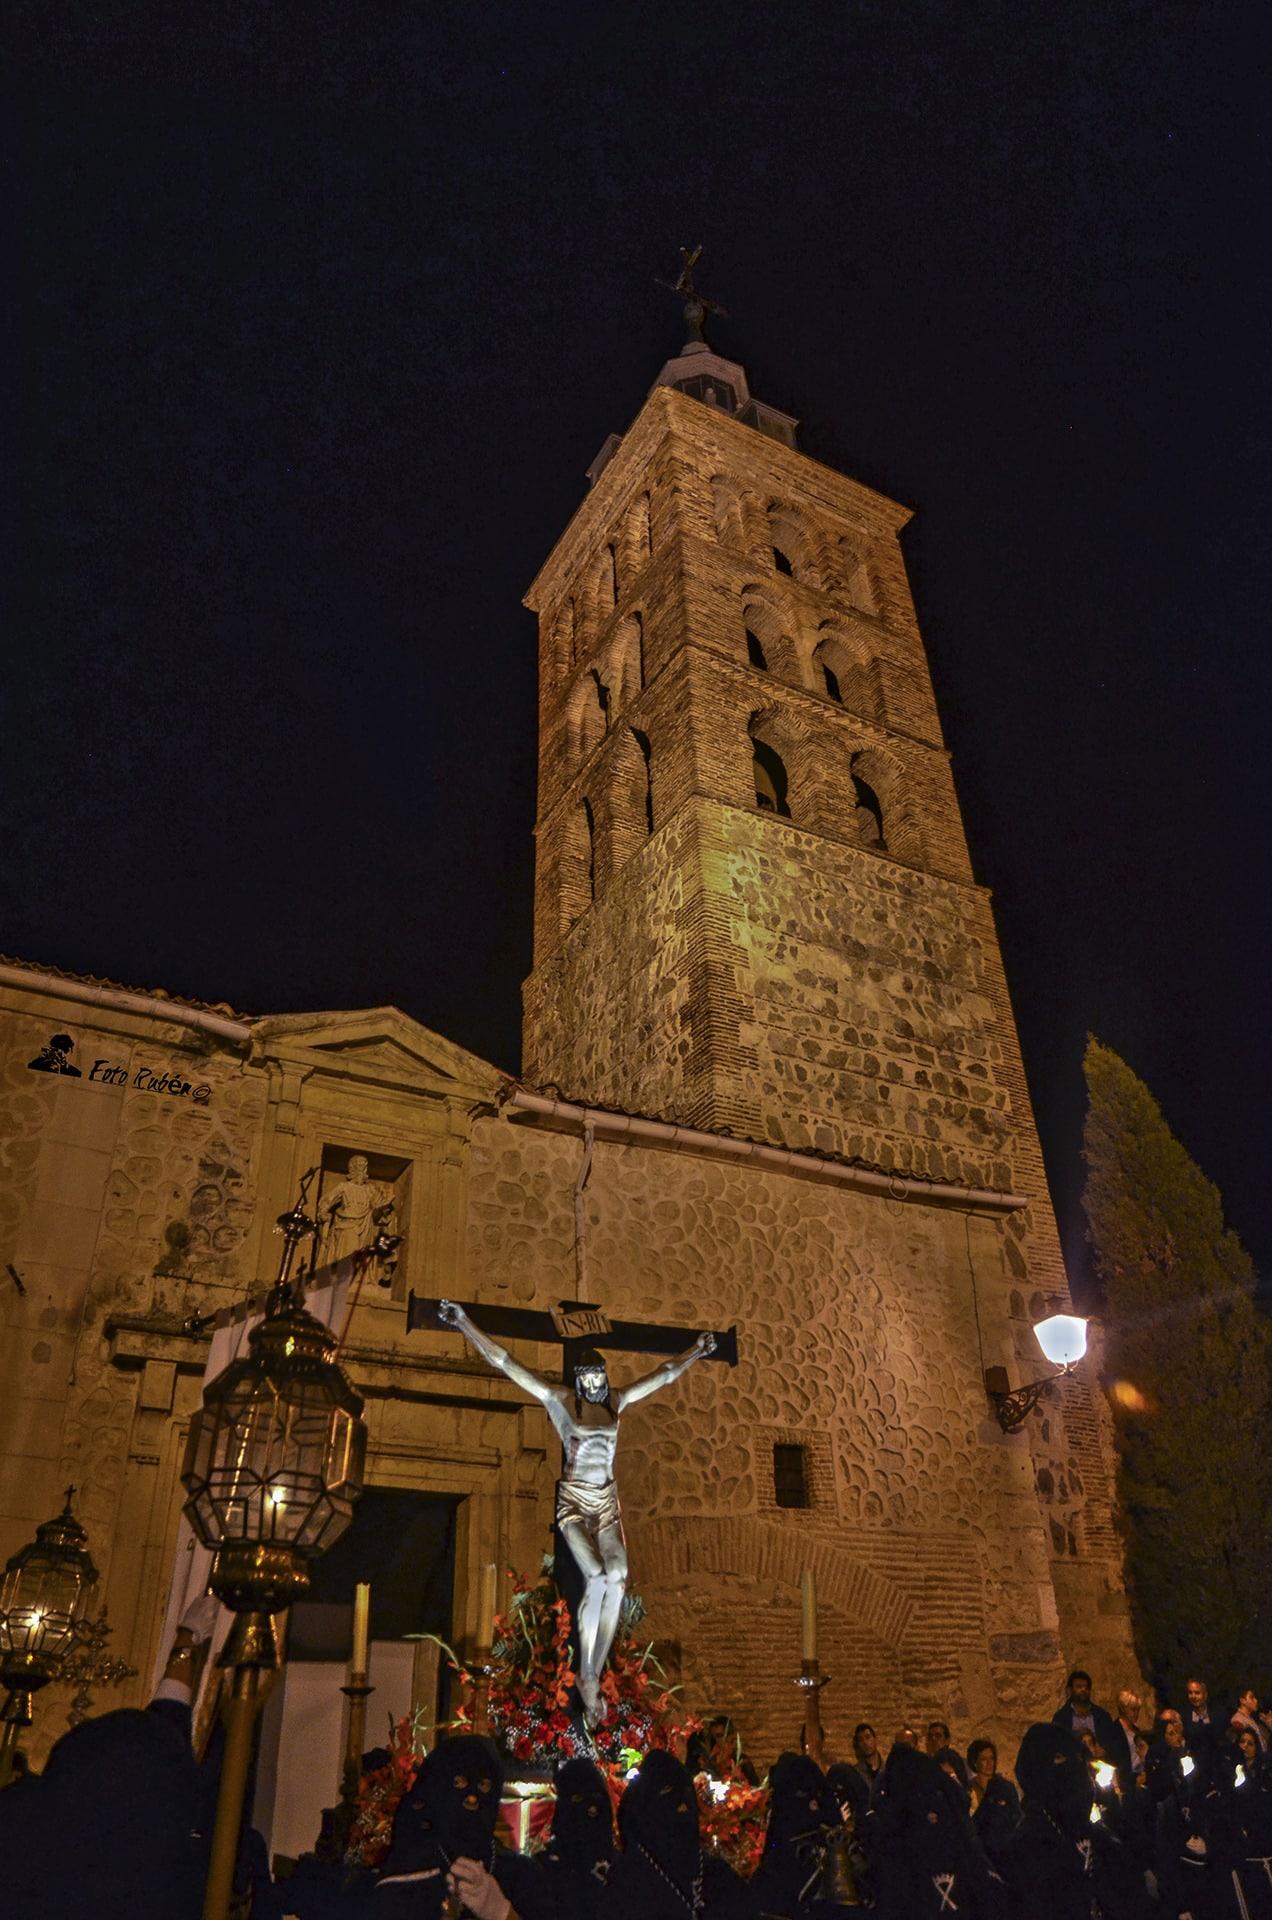 Santo Via Crucis y Procesión con la Imagen del Santo Cristo de la Paciencia, Segovia 6